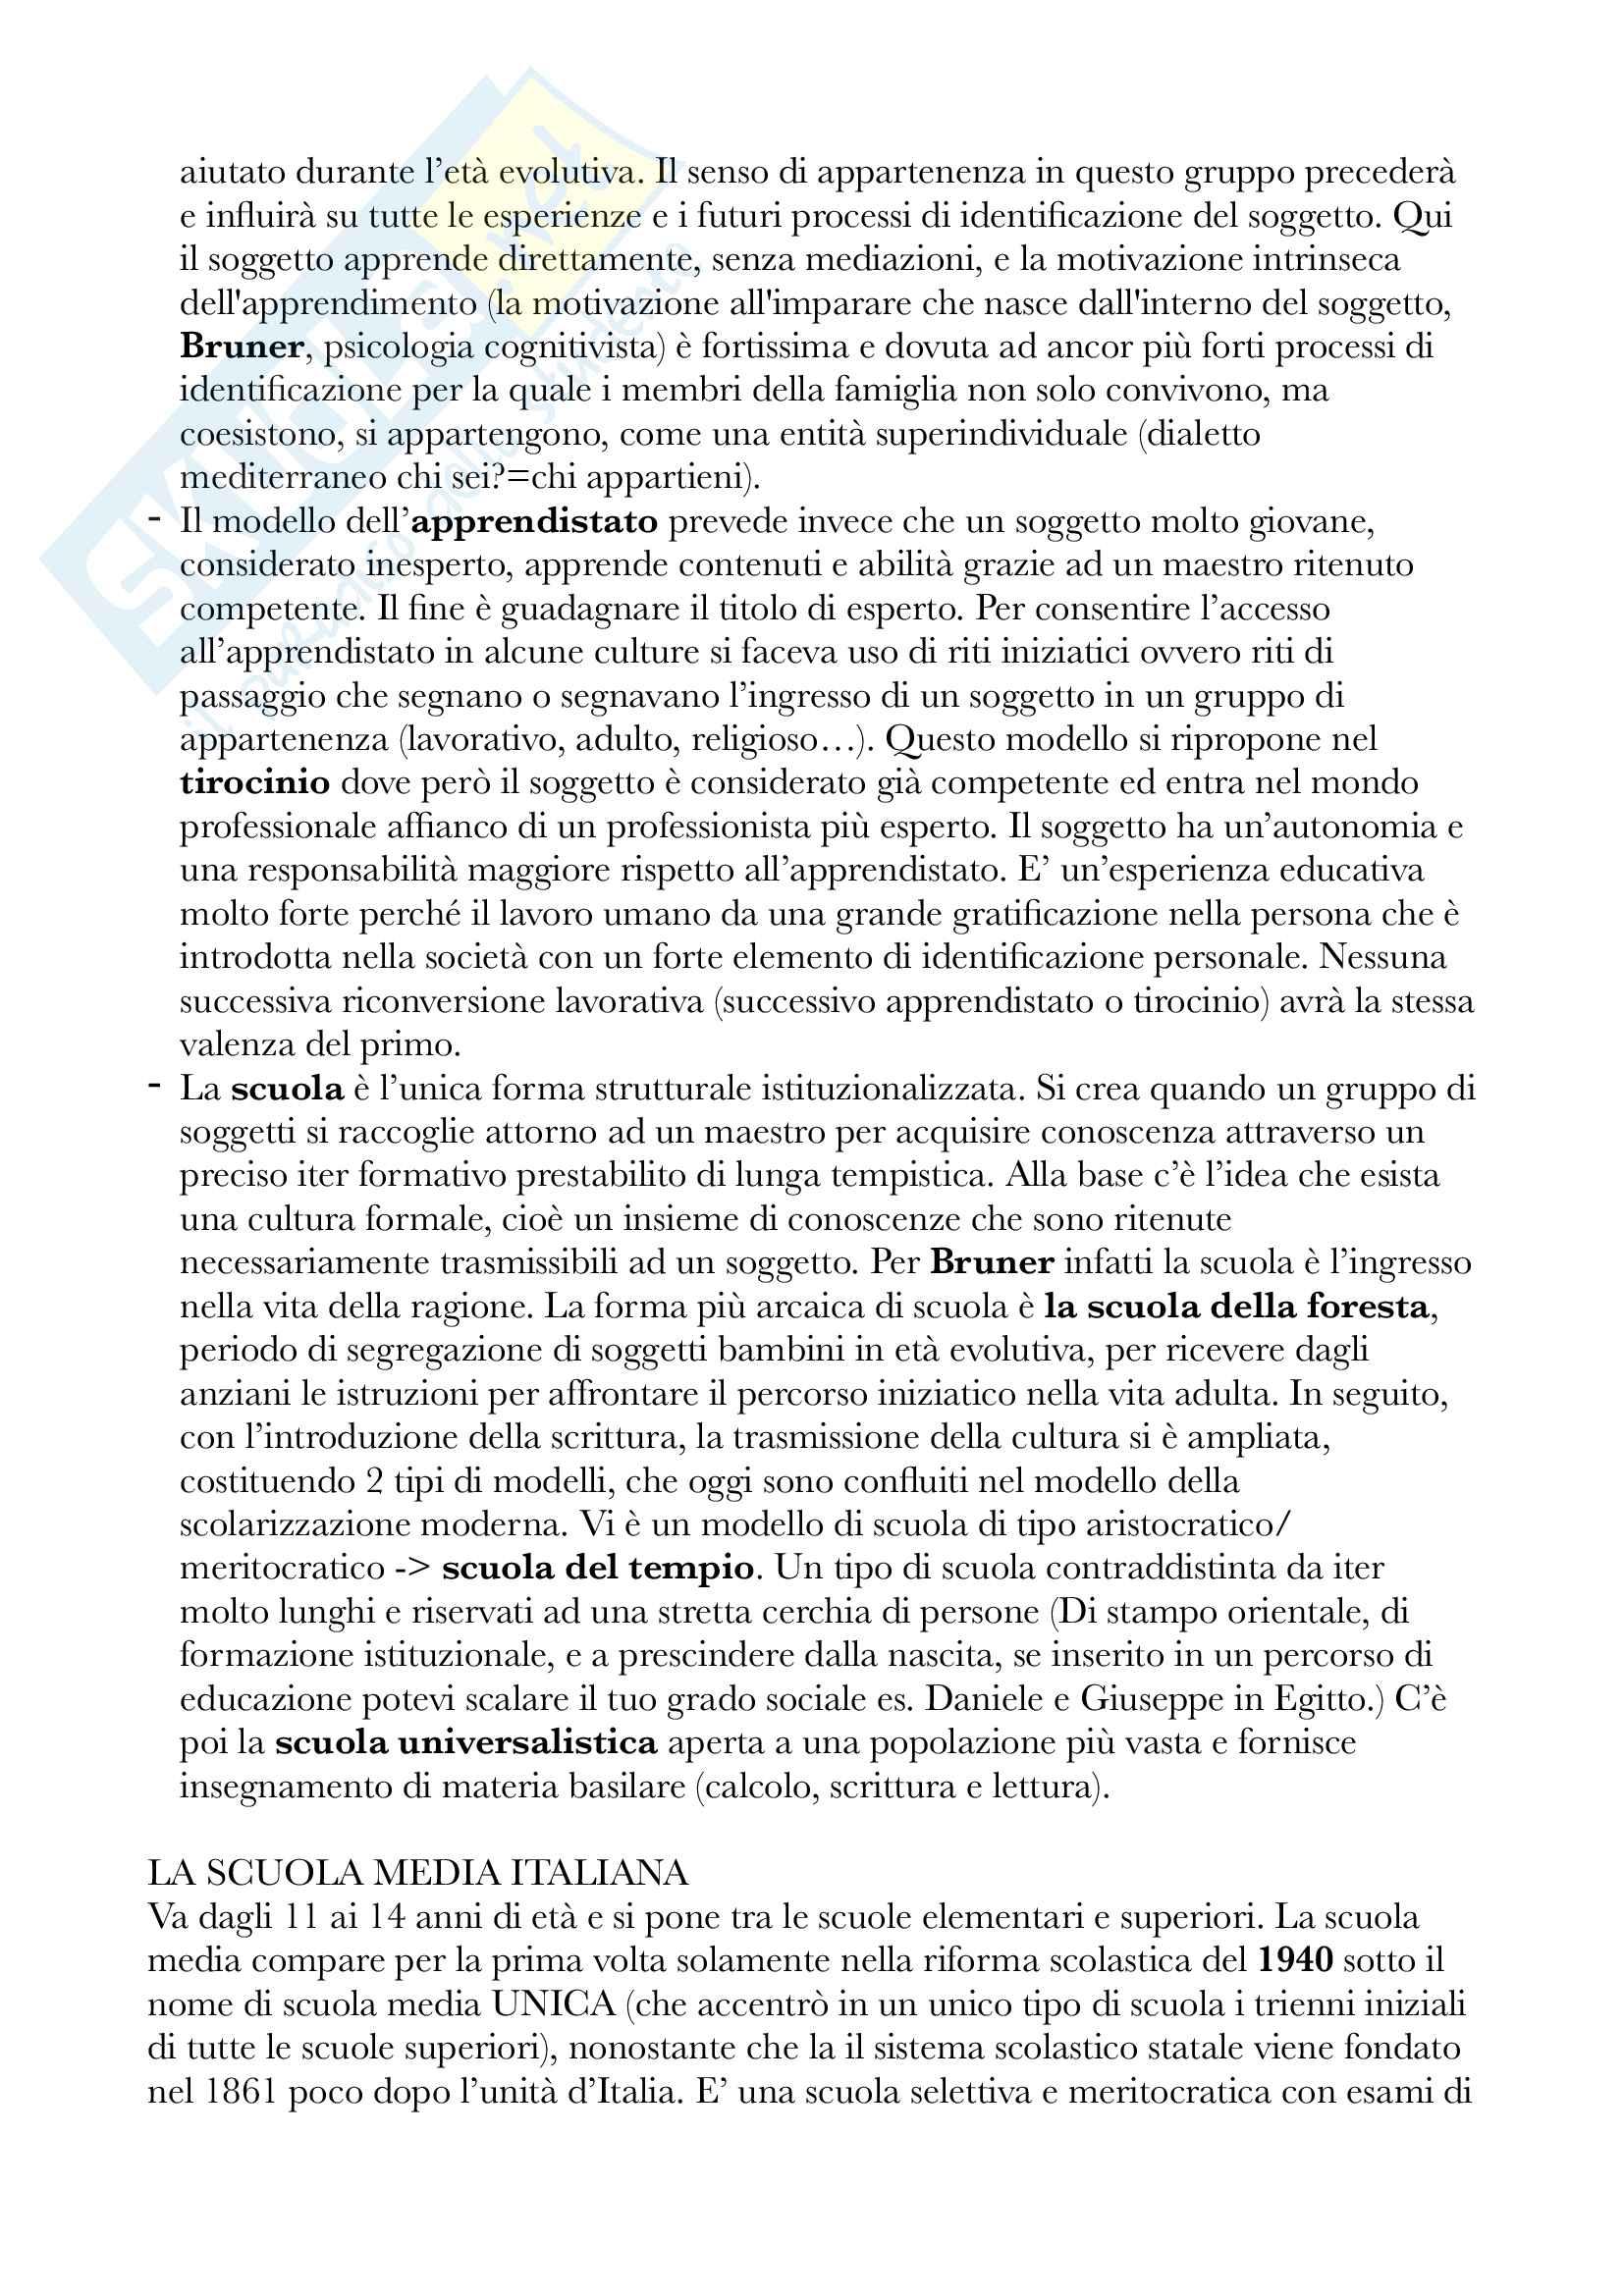 Riassunto esame Pedagogia, Docente Moscato. Libro consigliato Preadolescenti a Scuola Pag. 2